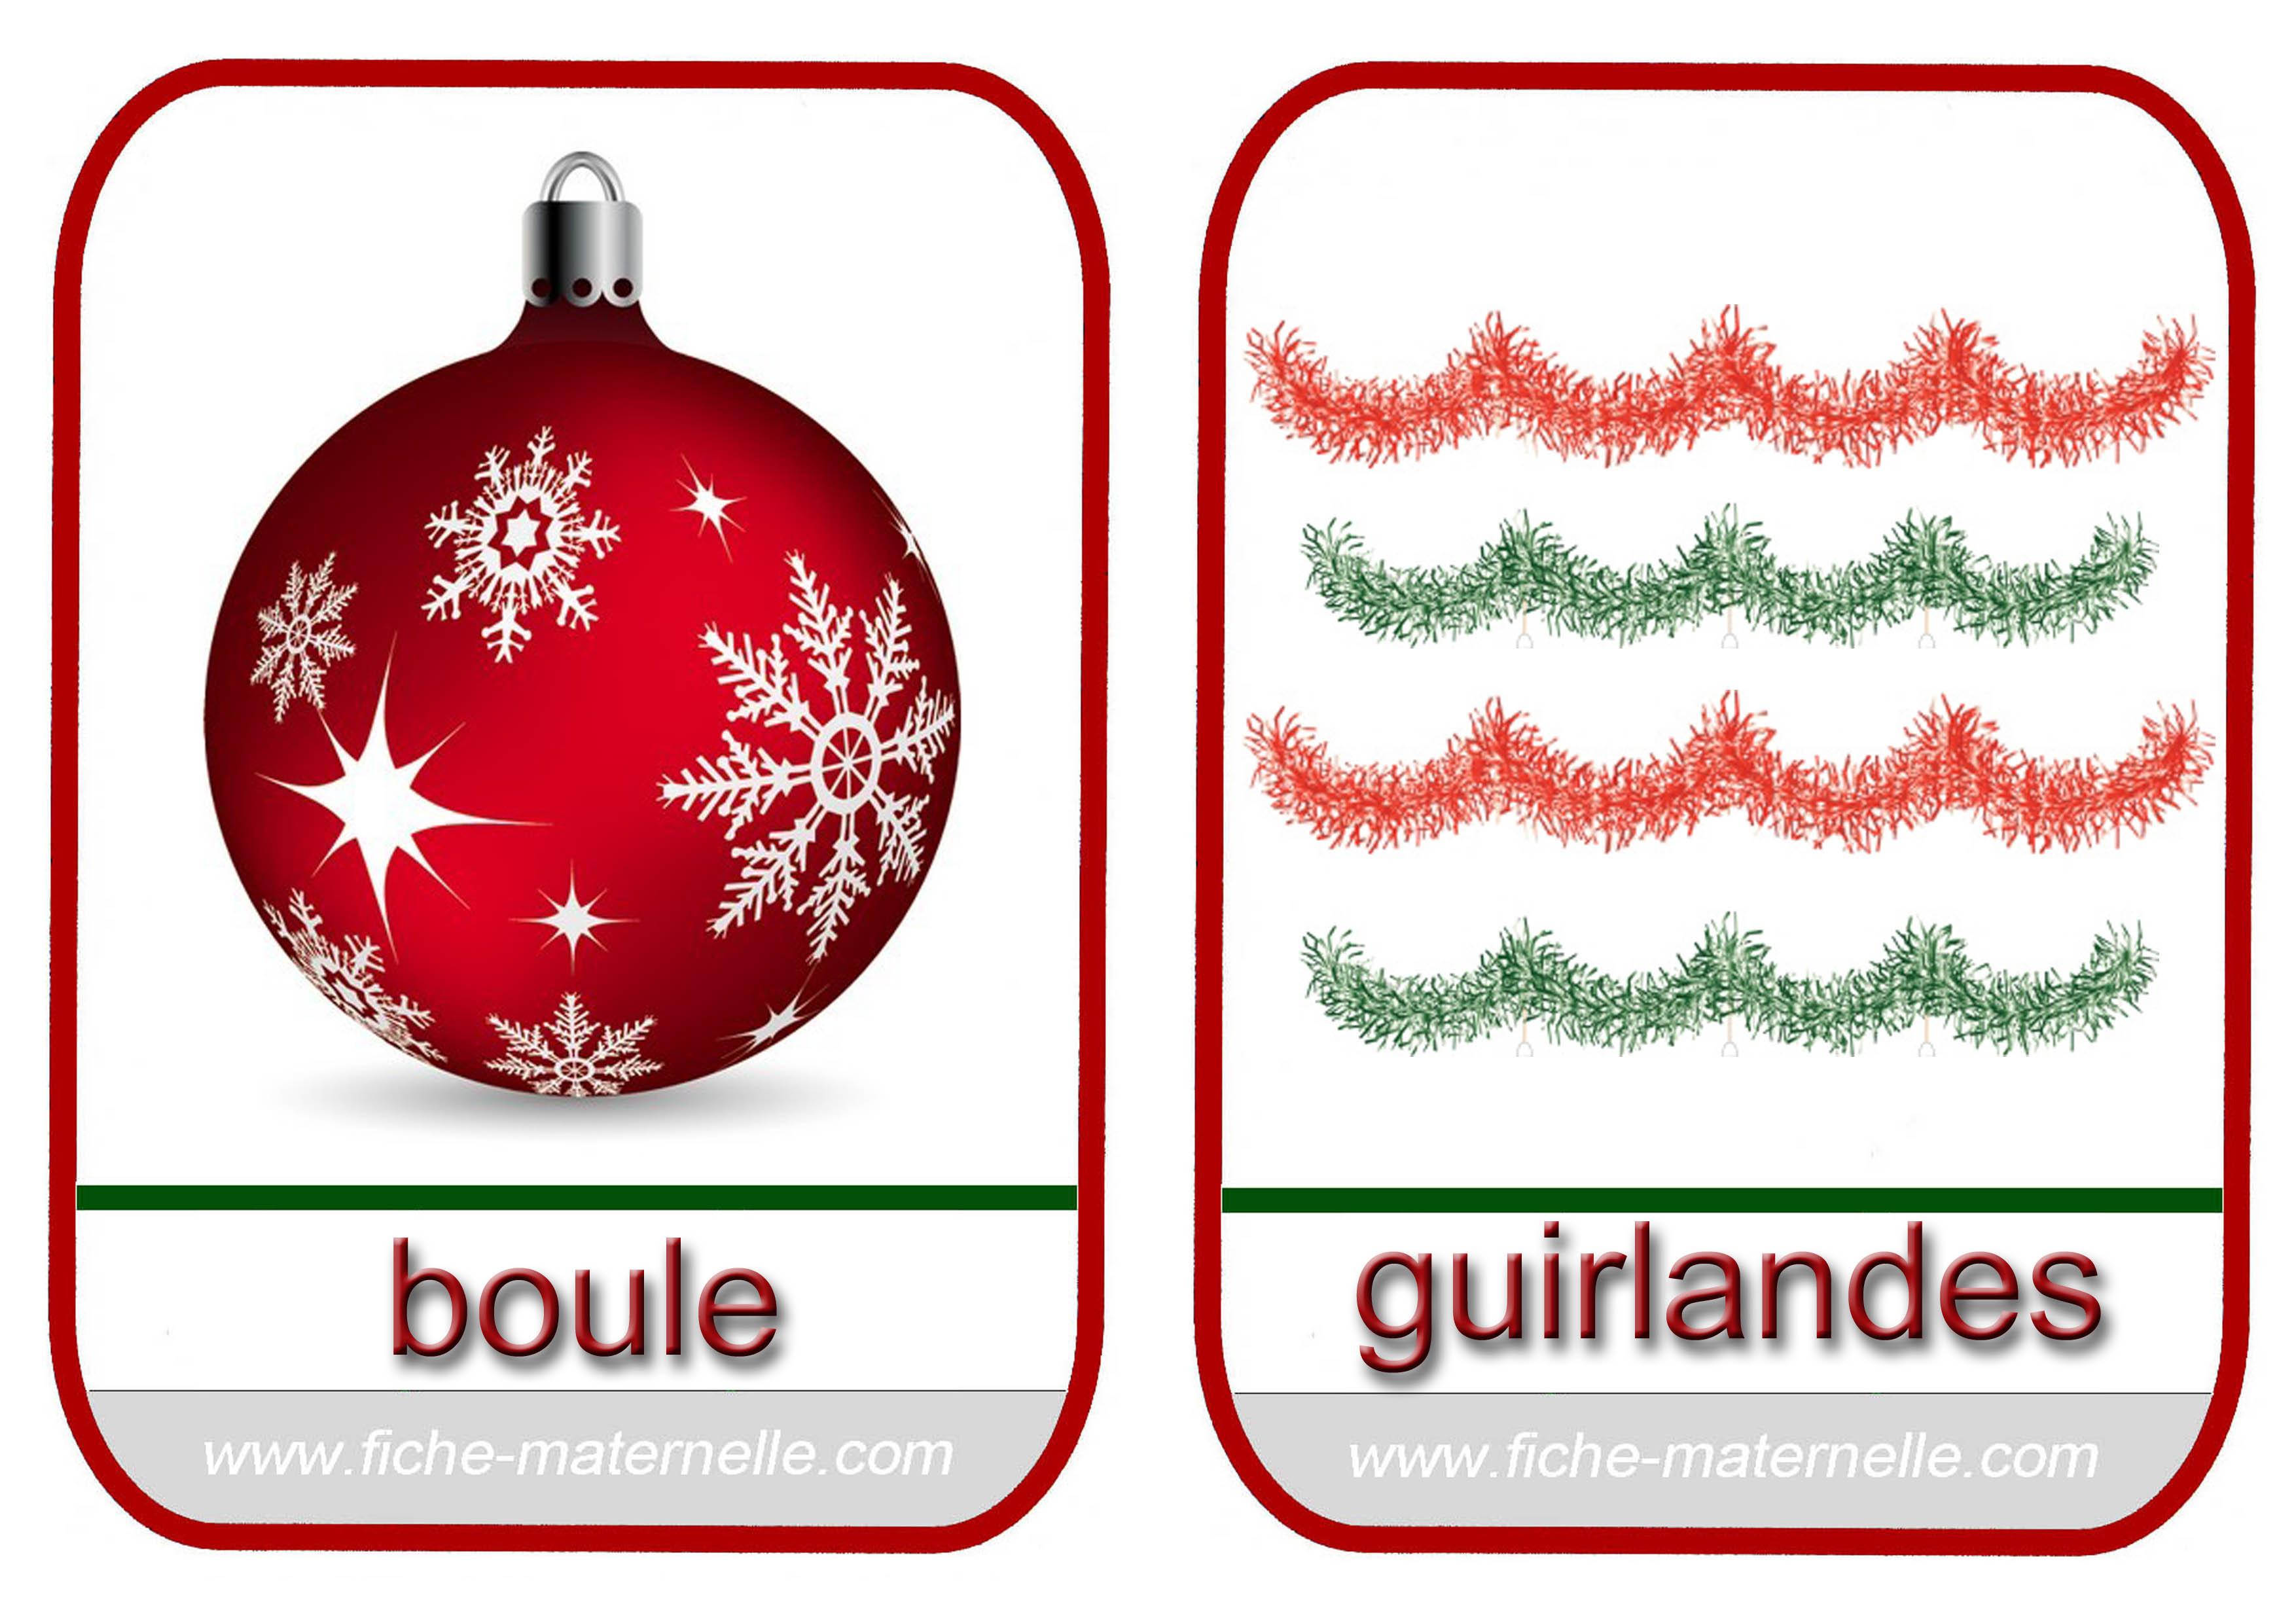 #8B070C Noël En Maternelle 5461 décorations de noel maternelle 3508x2480 px @ aertt.com